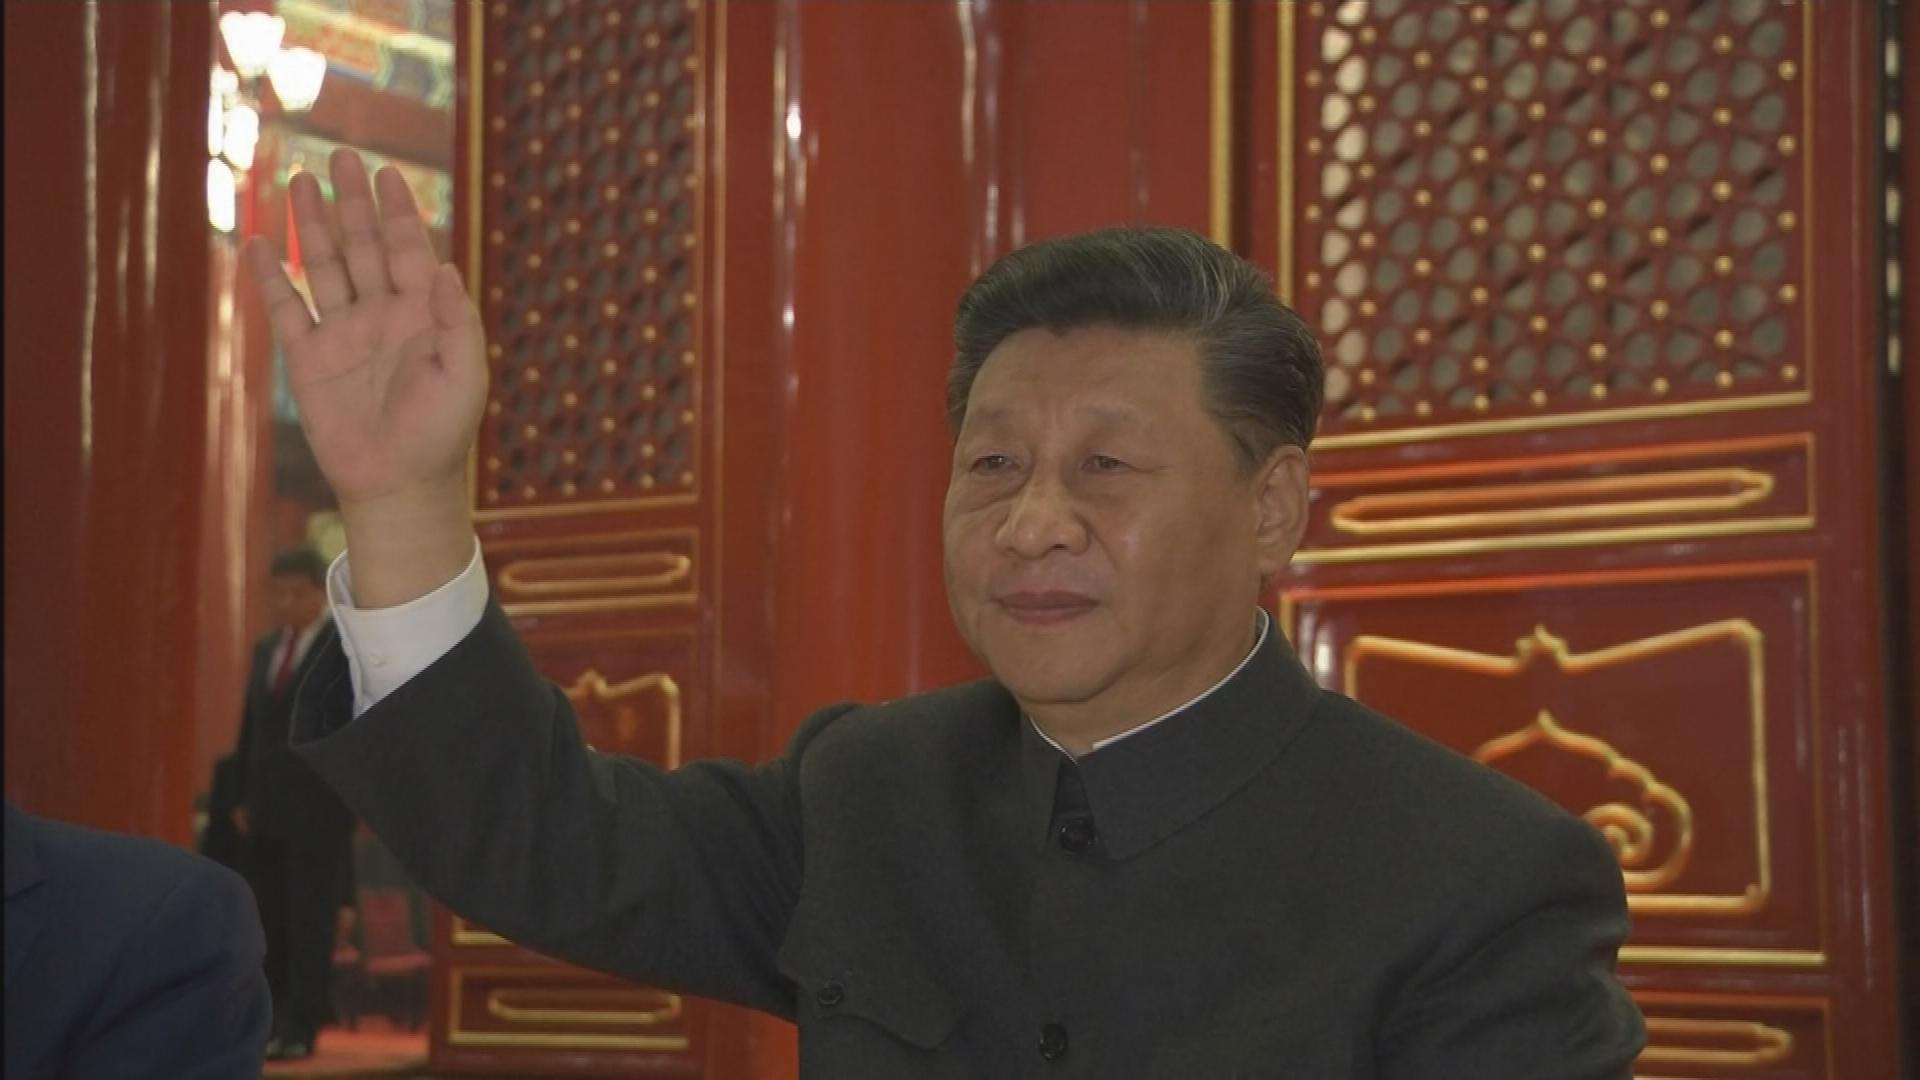 「中国式統治」を支持 若者たちのリアル ~中国共産党創立100年~